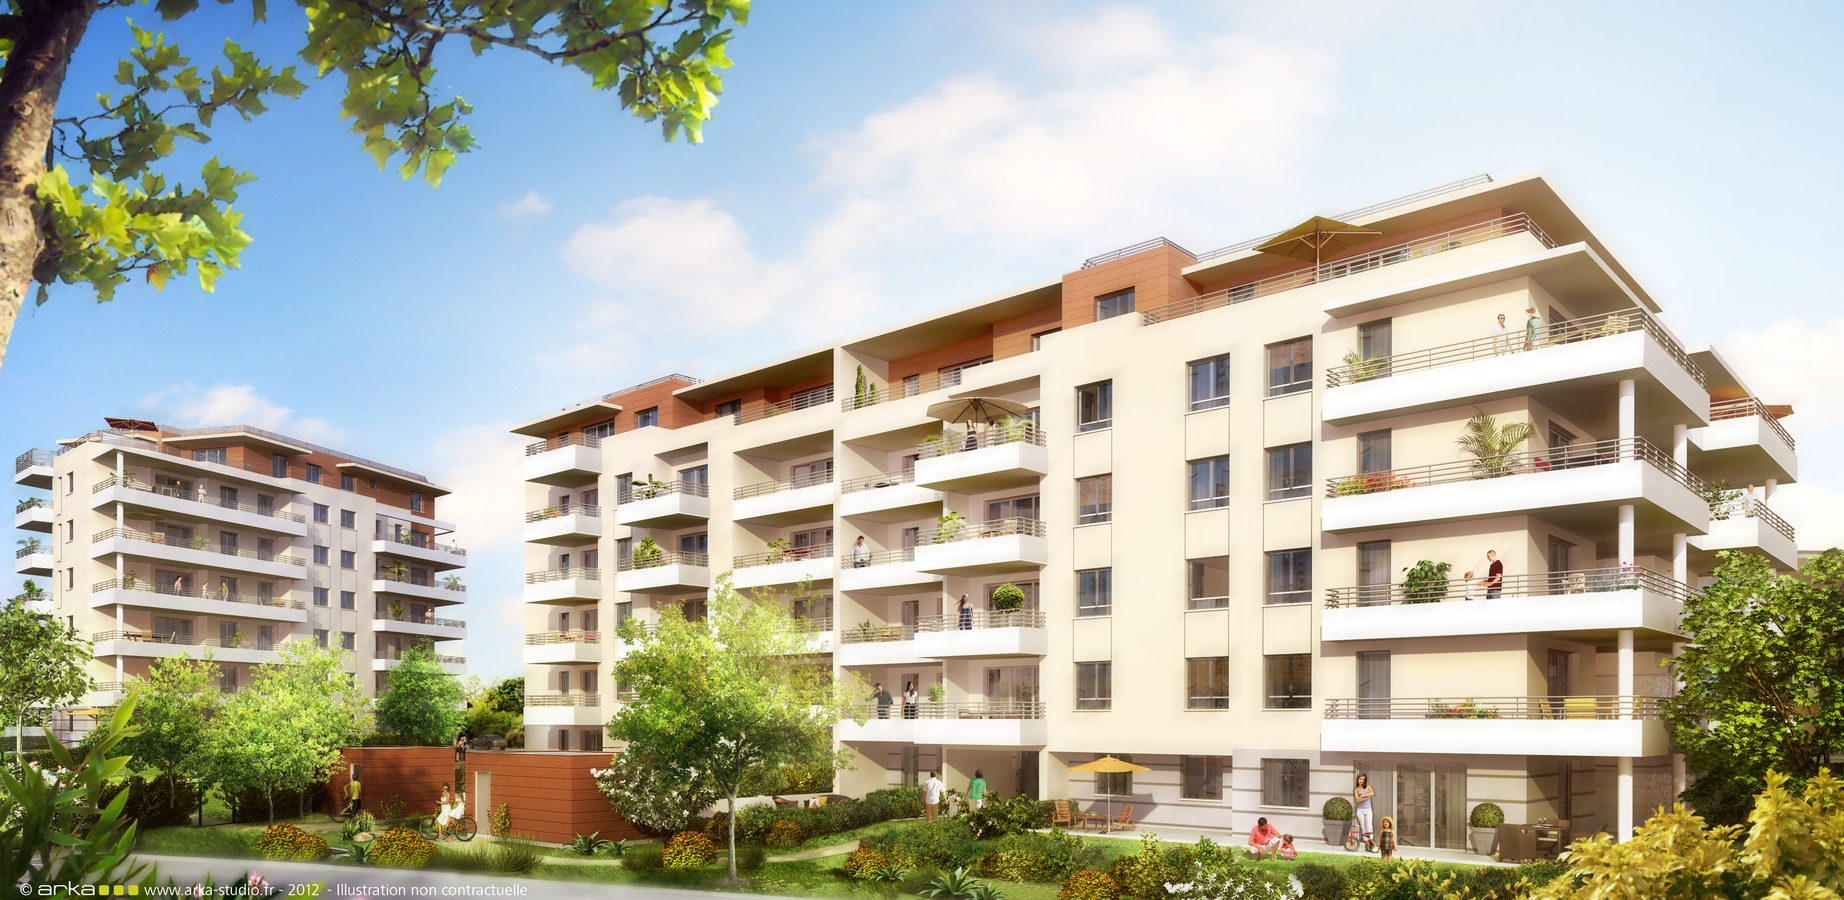 Les terrasses azur 50 logements neufs voiron is re for Acheter appartement neuf